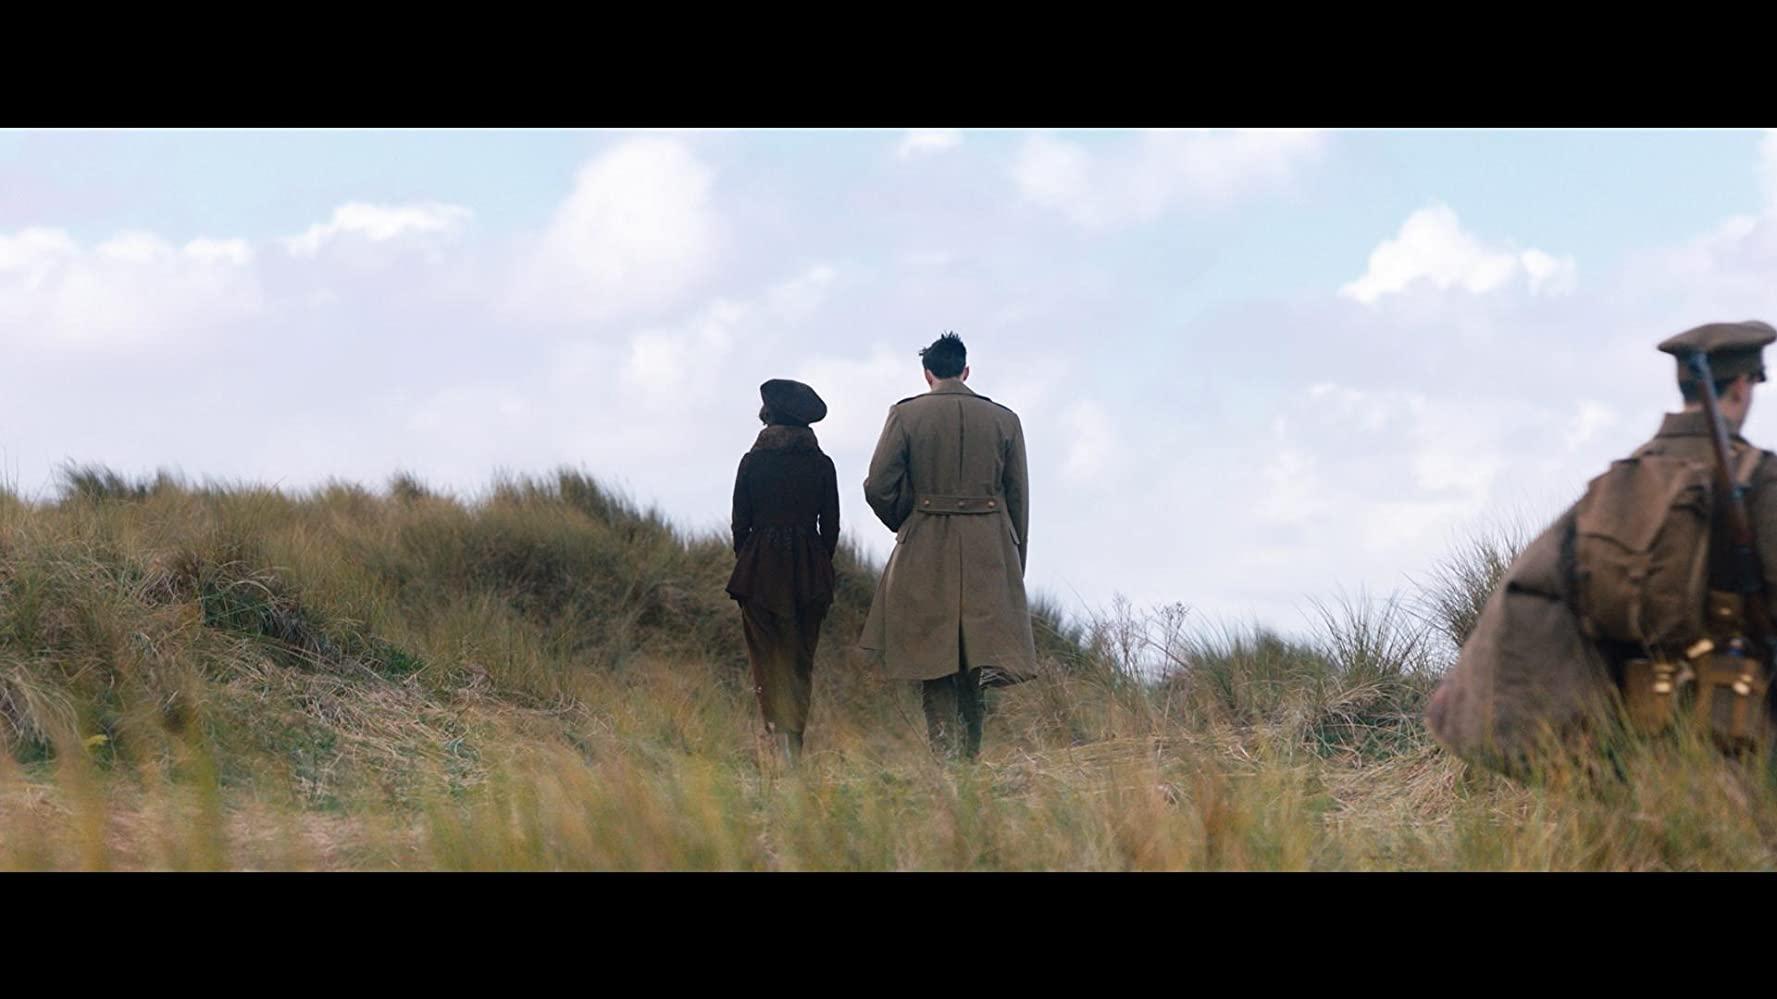 مشاهدة فيلم Tolkien (2019) مترجم HD اون لاين